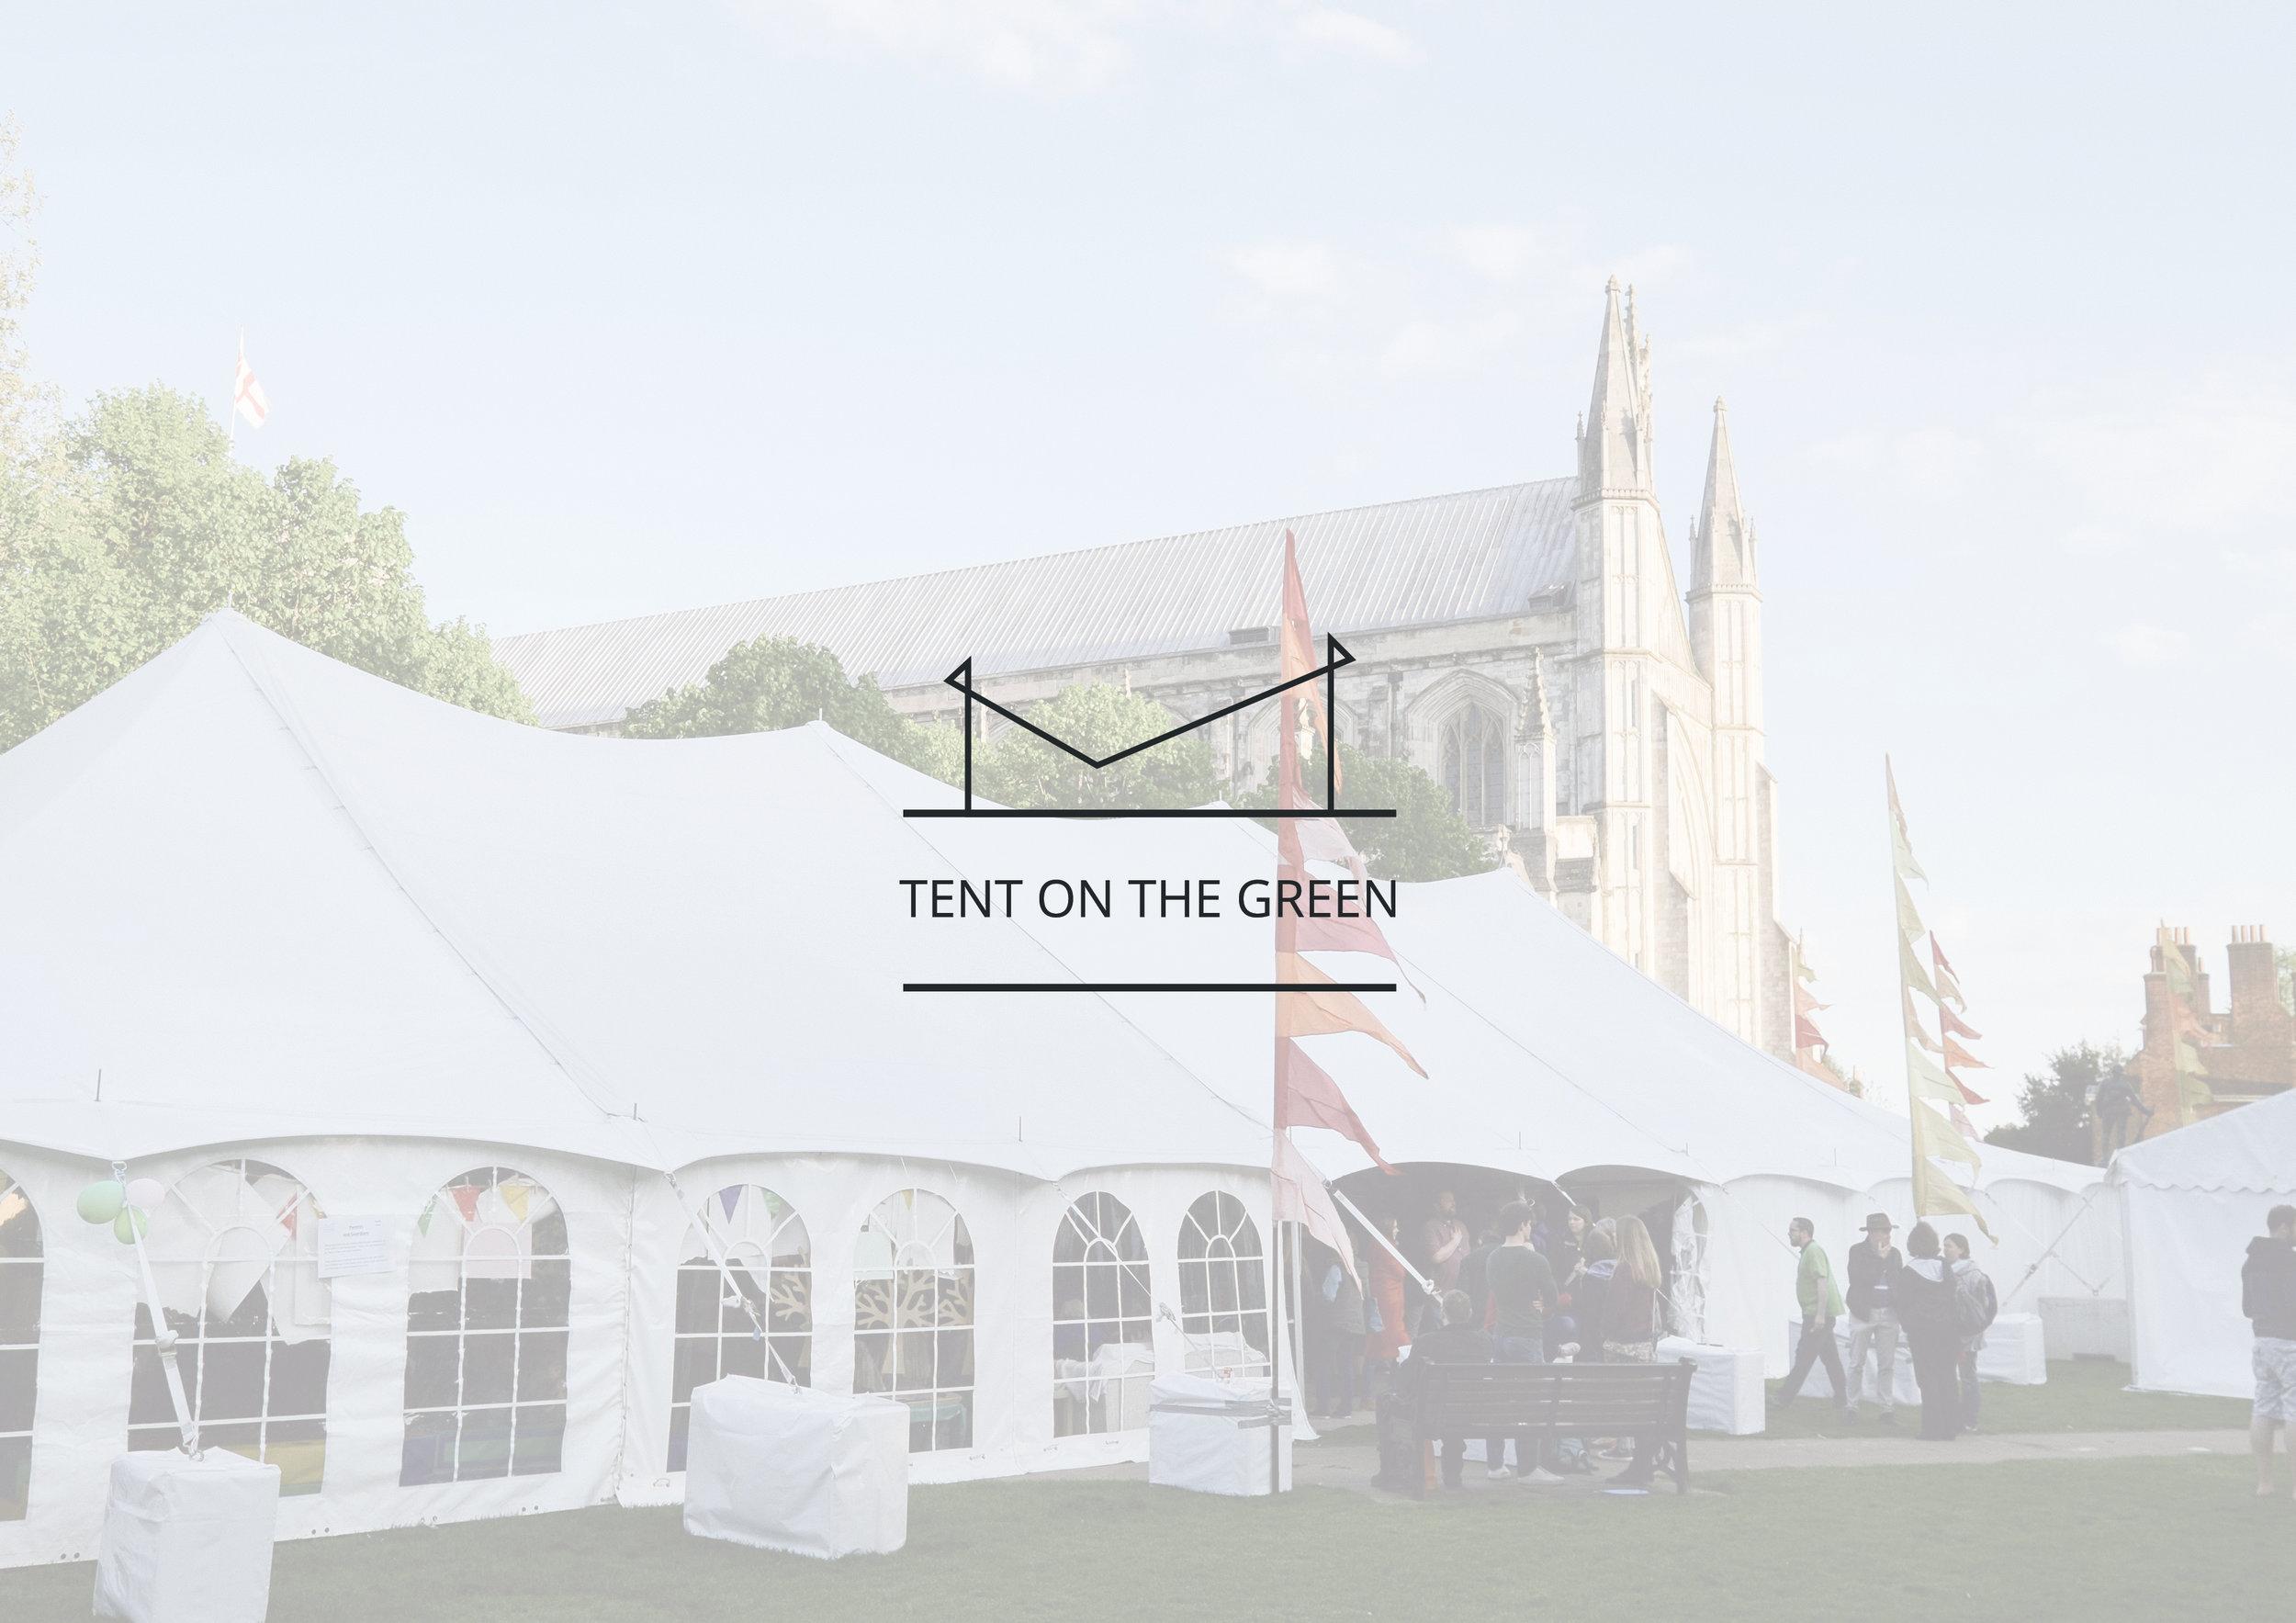 TENT ON THE GREEN FESTIVAL - BRANDING